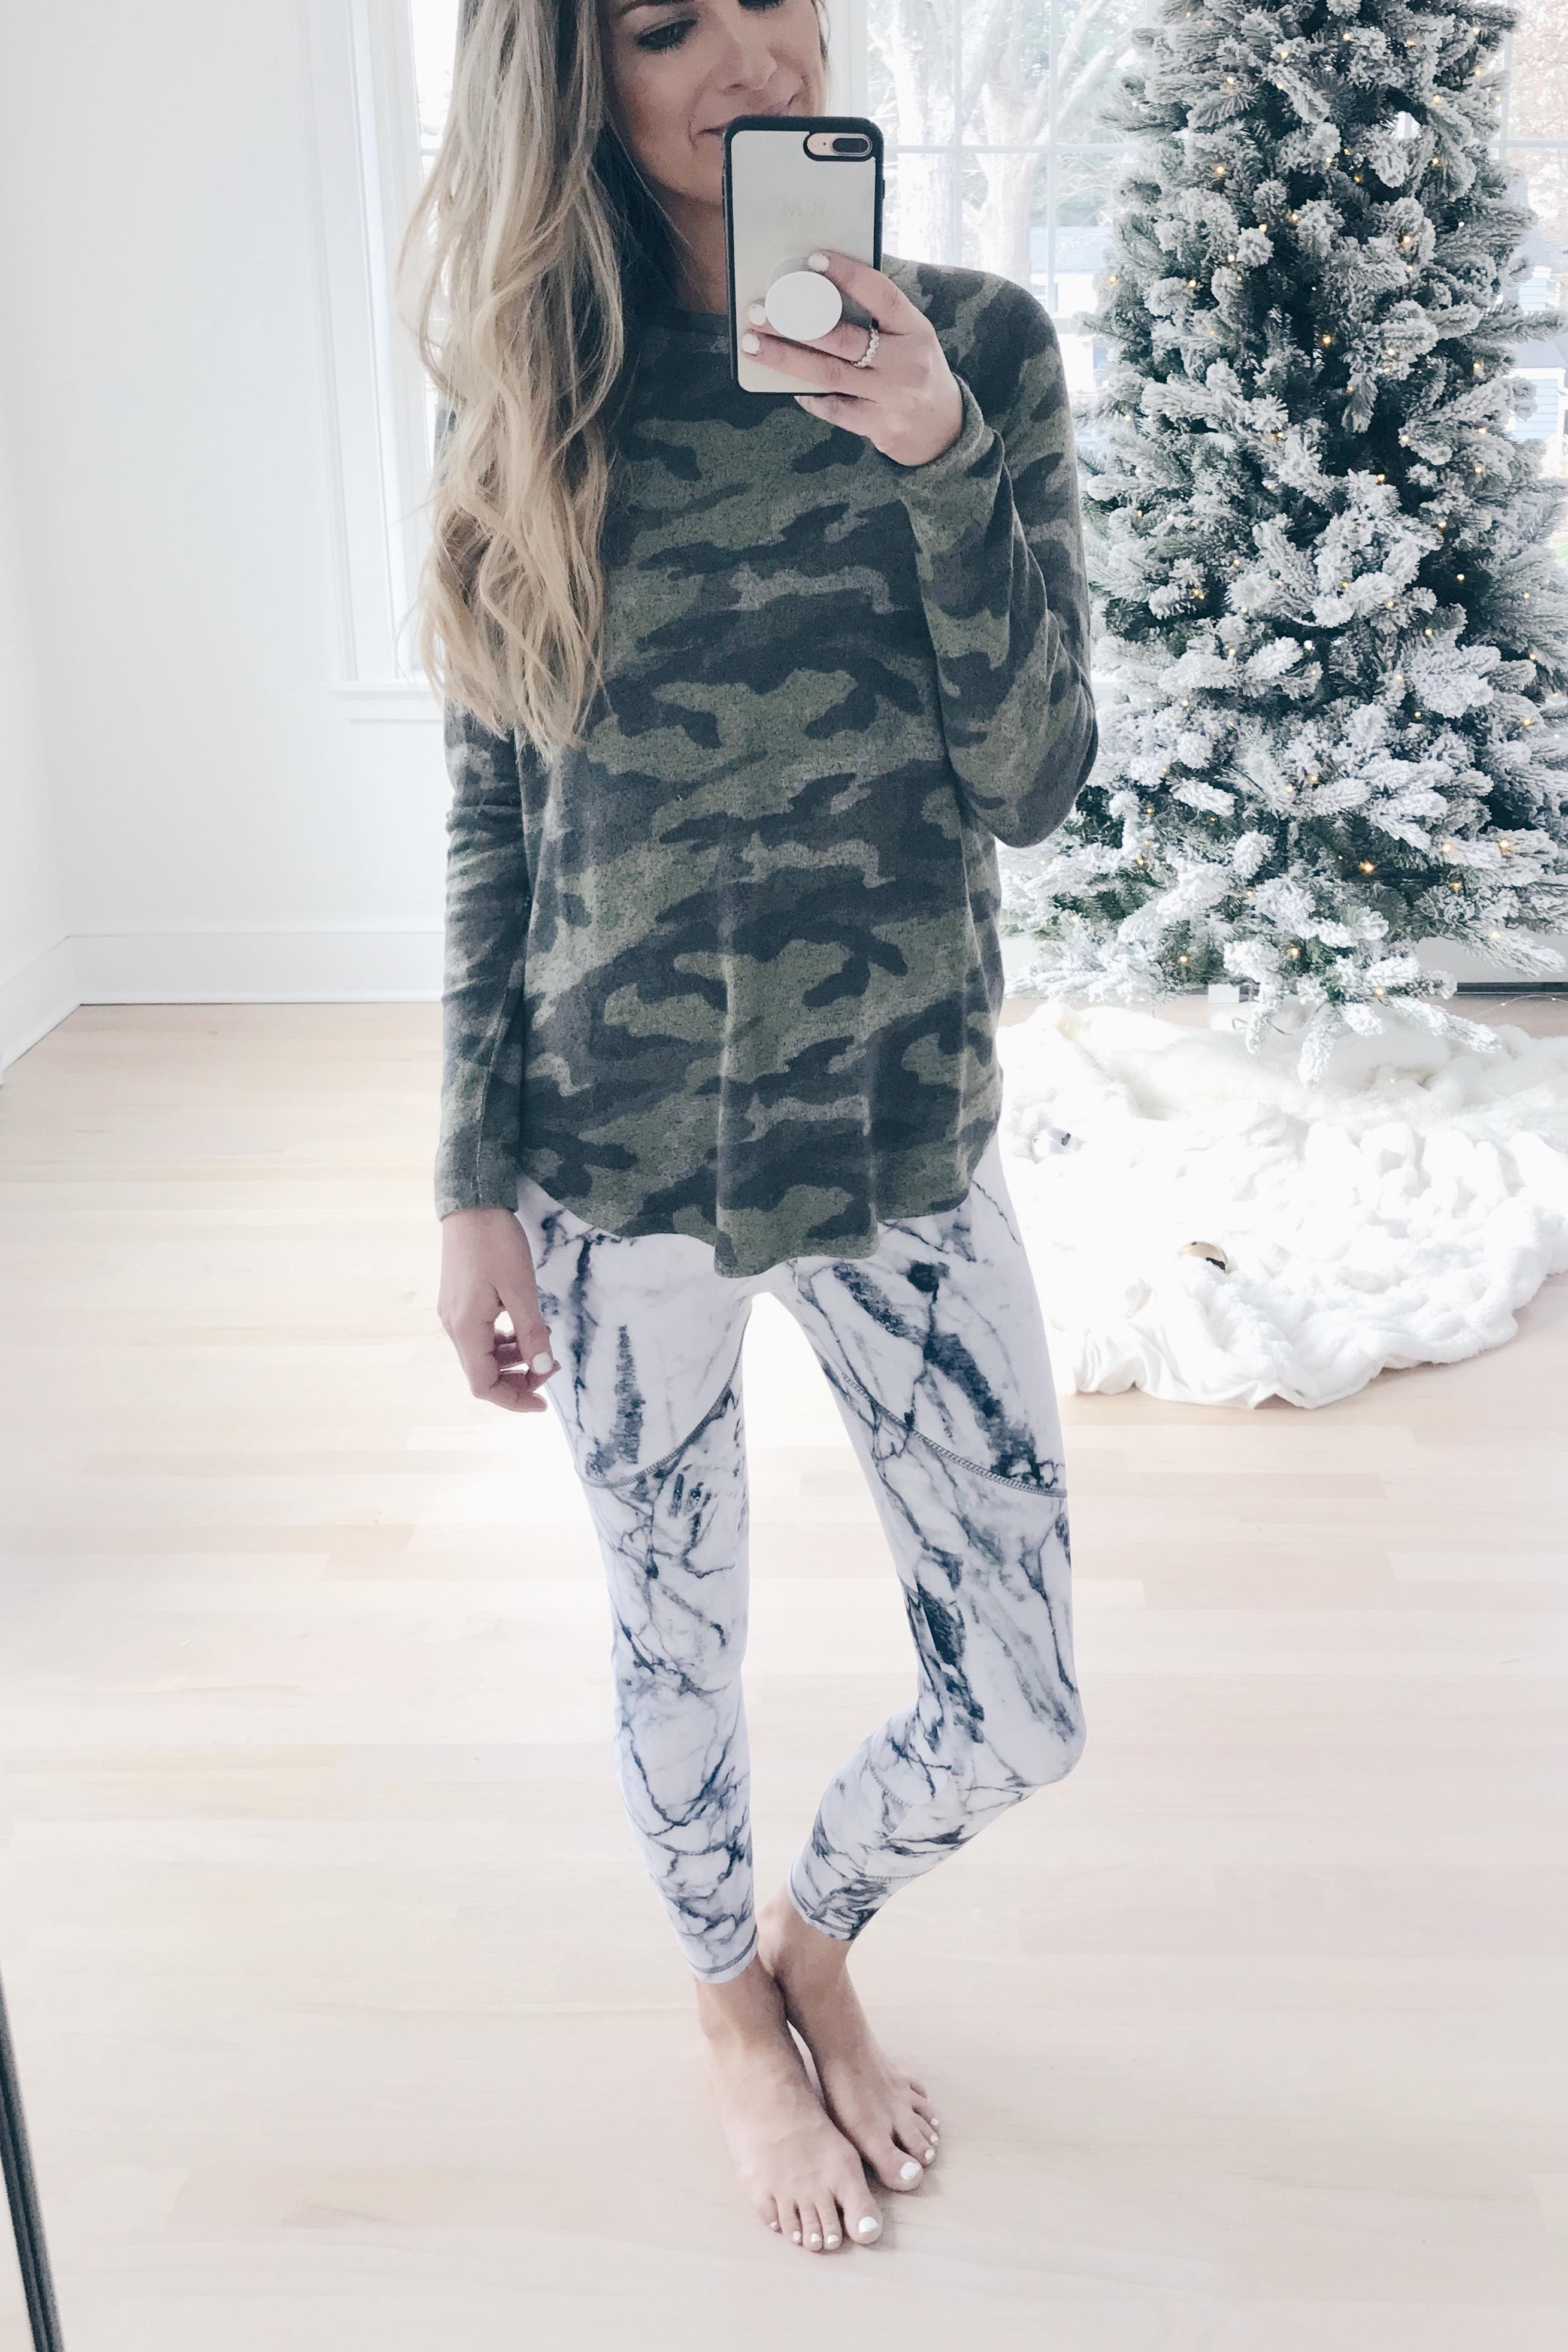 Early Cyber Week Sales - Camo Tee/Marble leggings